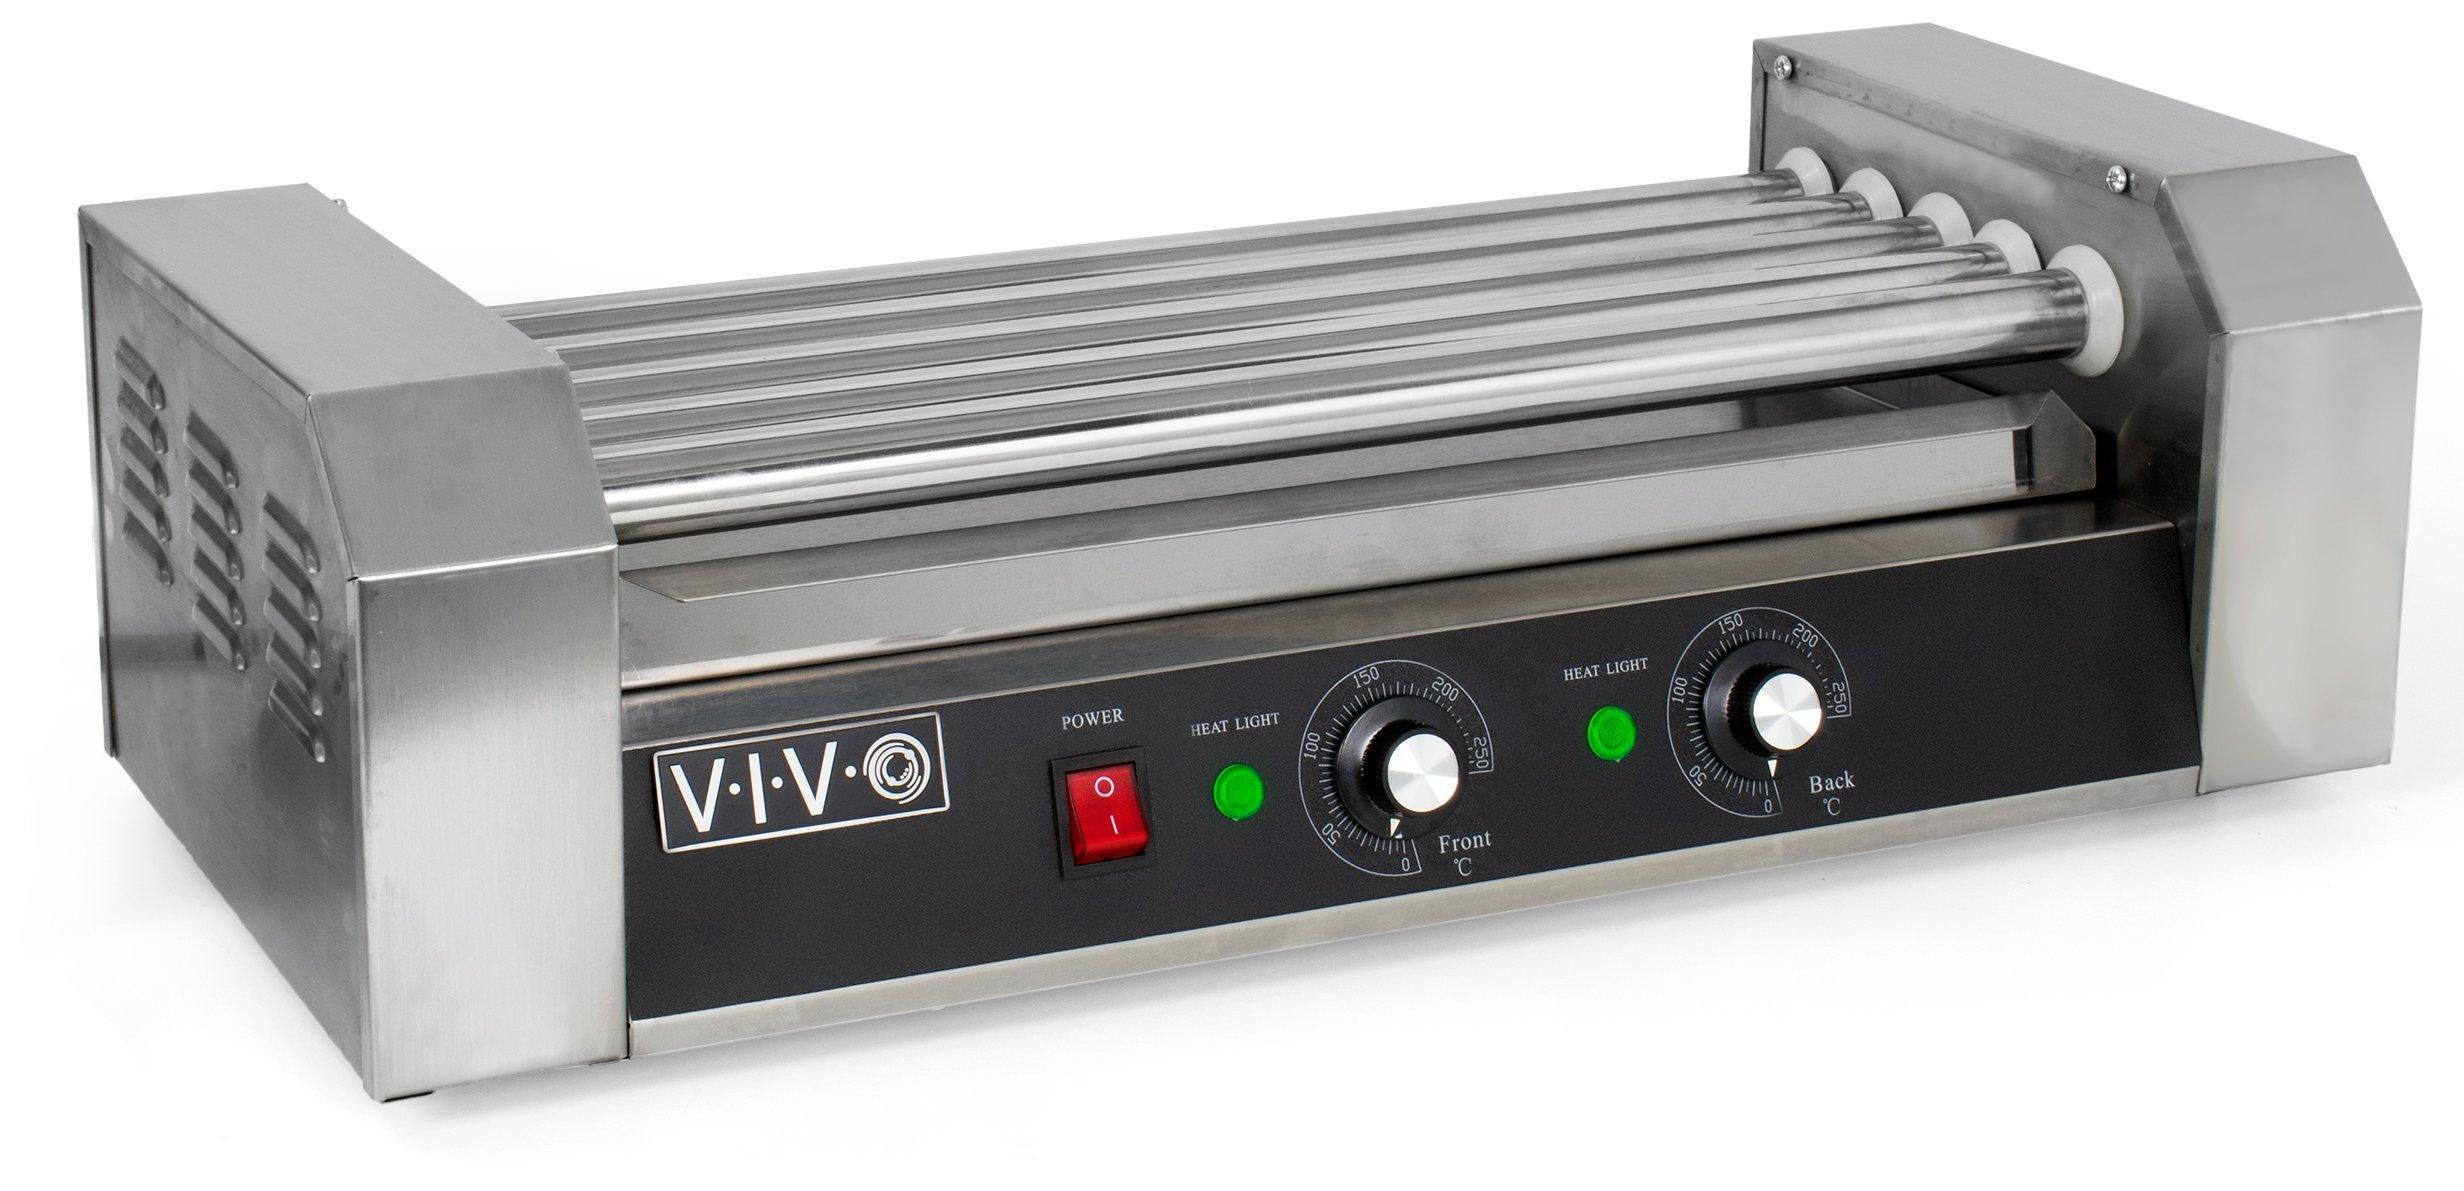 VIVO Electric 12 Hot Dog & Five (5) Roller Grill Cooker Warmer Machine (HOTDG-V005)